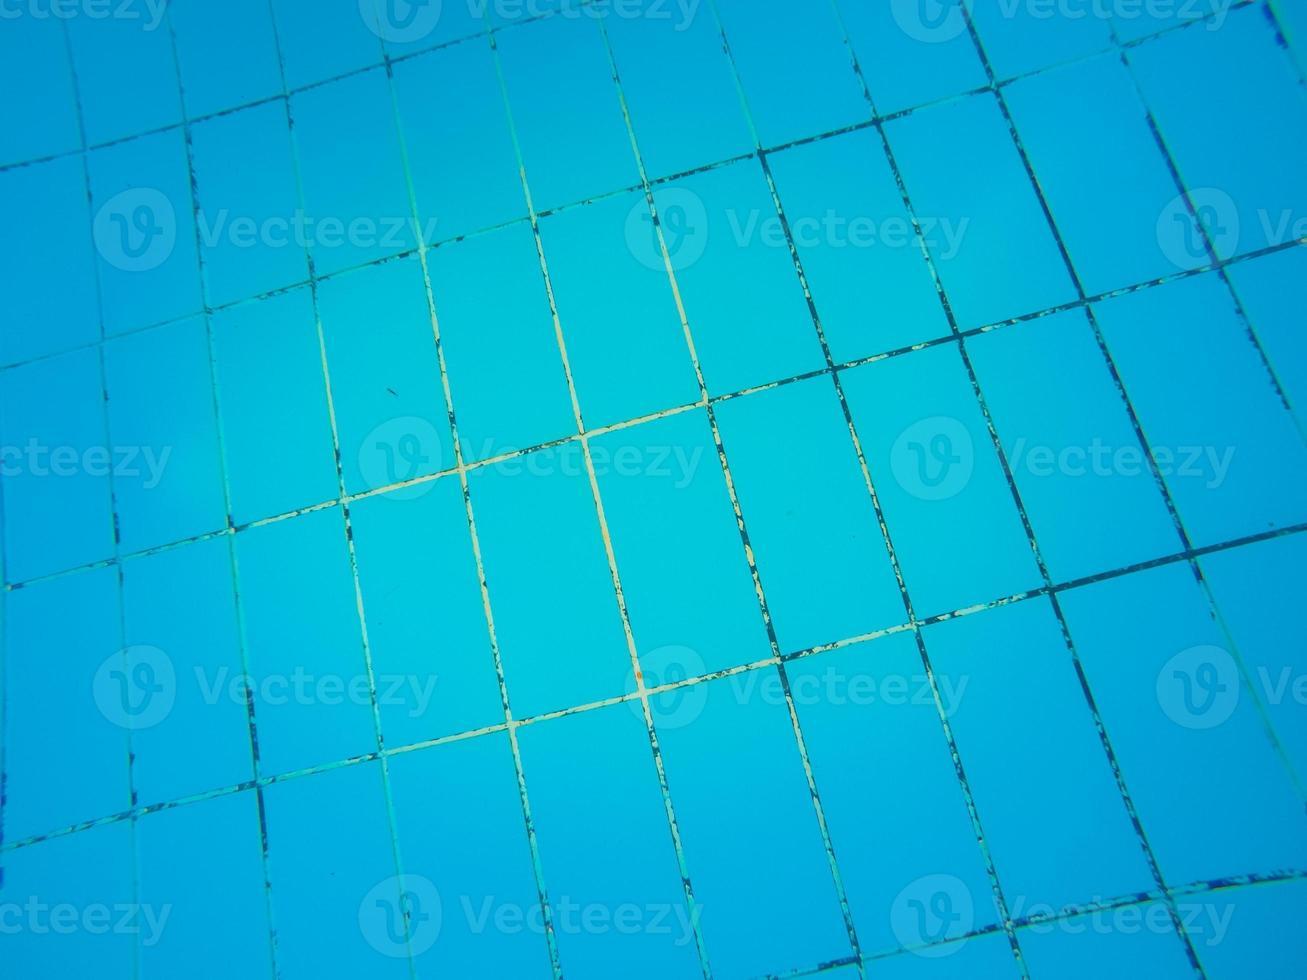 textur av blå kakel på botten av poolen foto